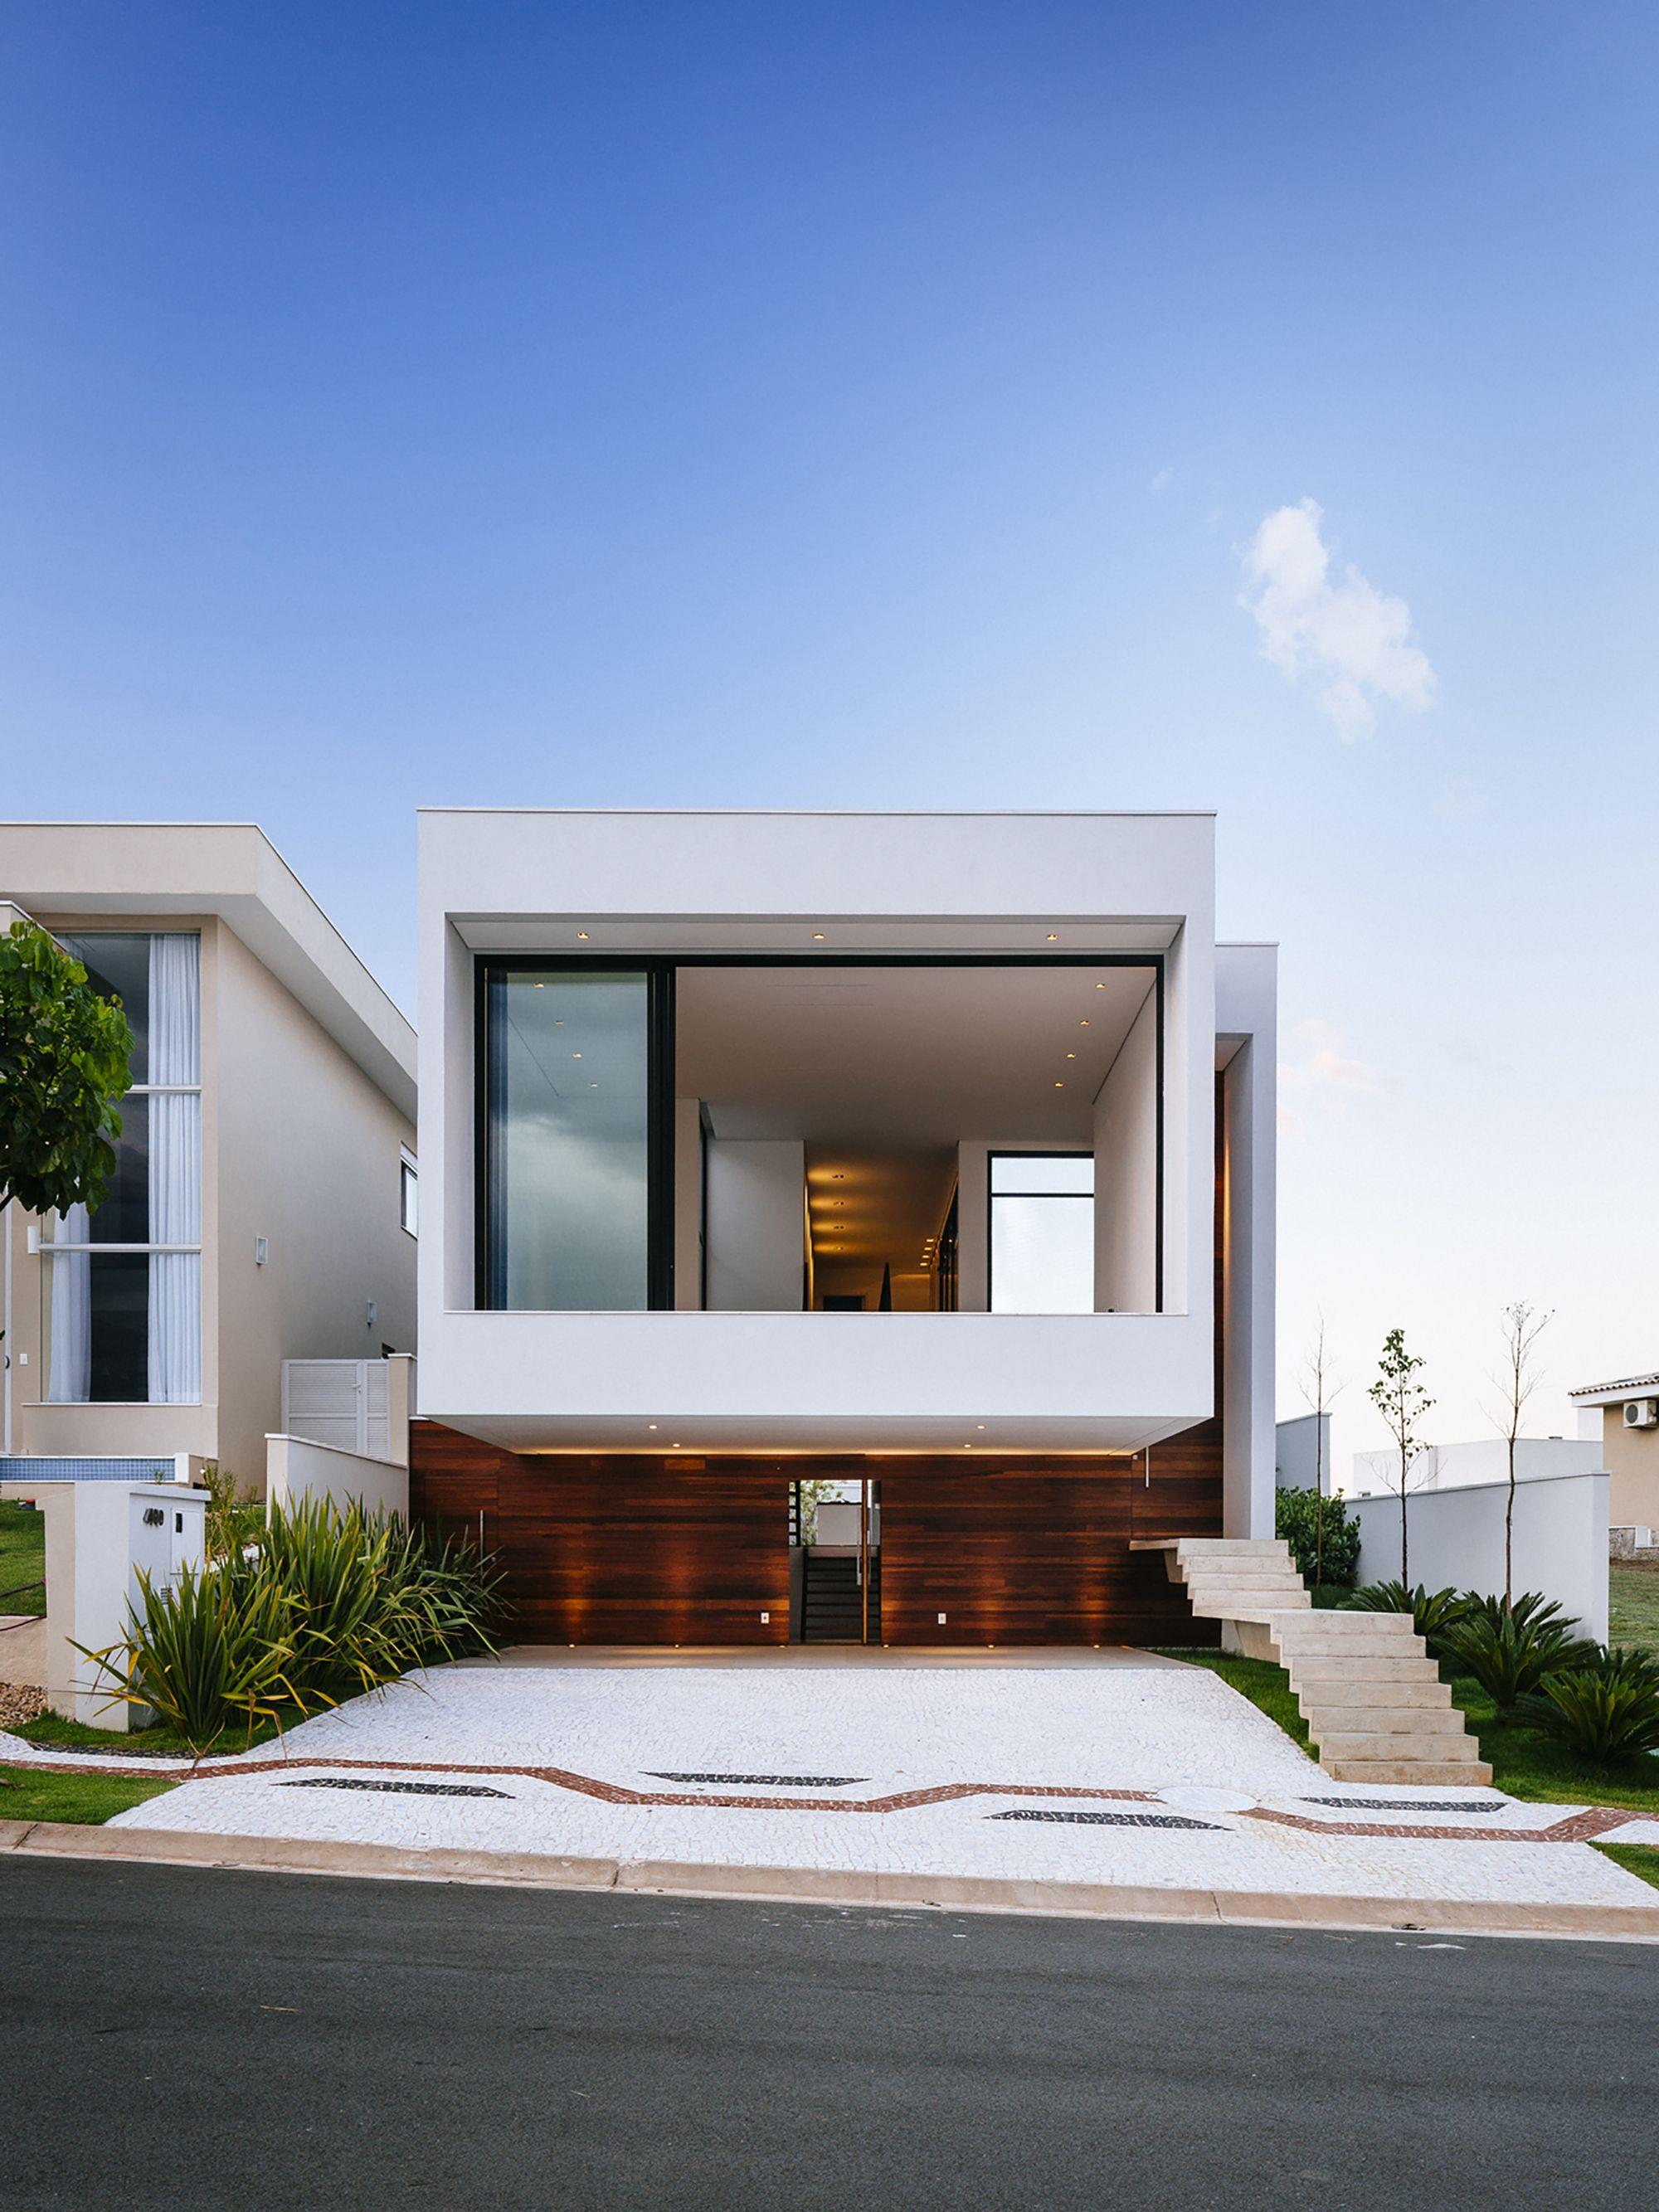 diseo de moderna casa de dos pisos ms planos fachada con un volado y vistas hacia jardines interiores